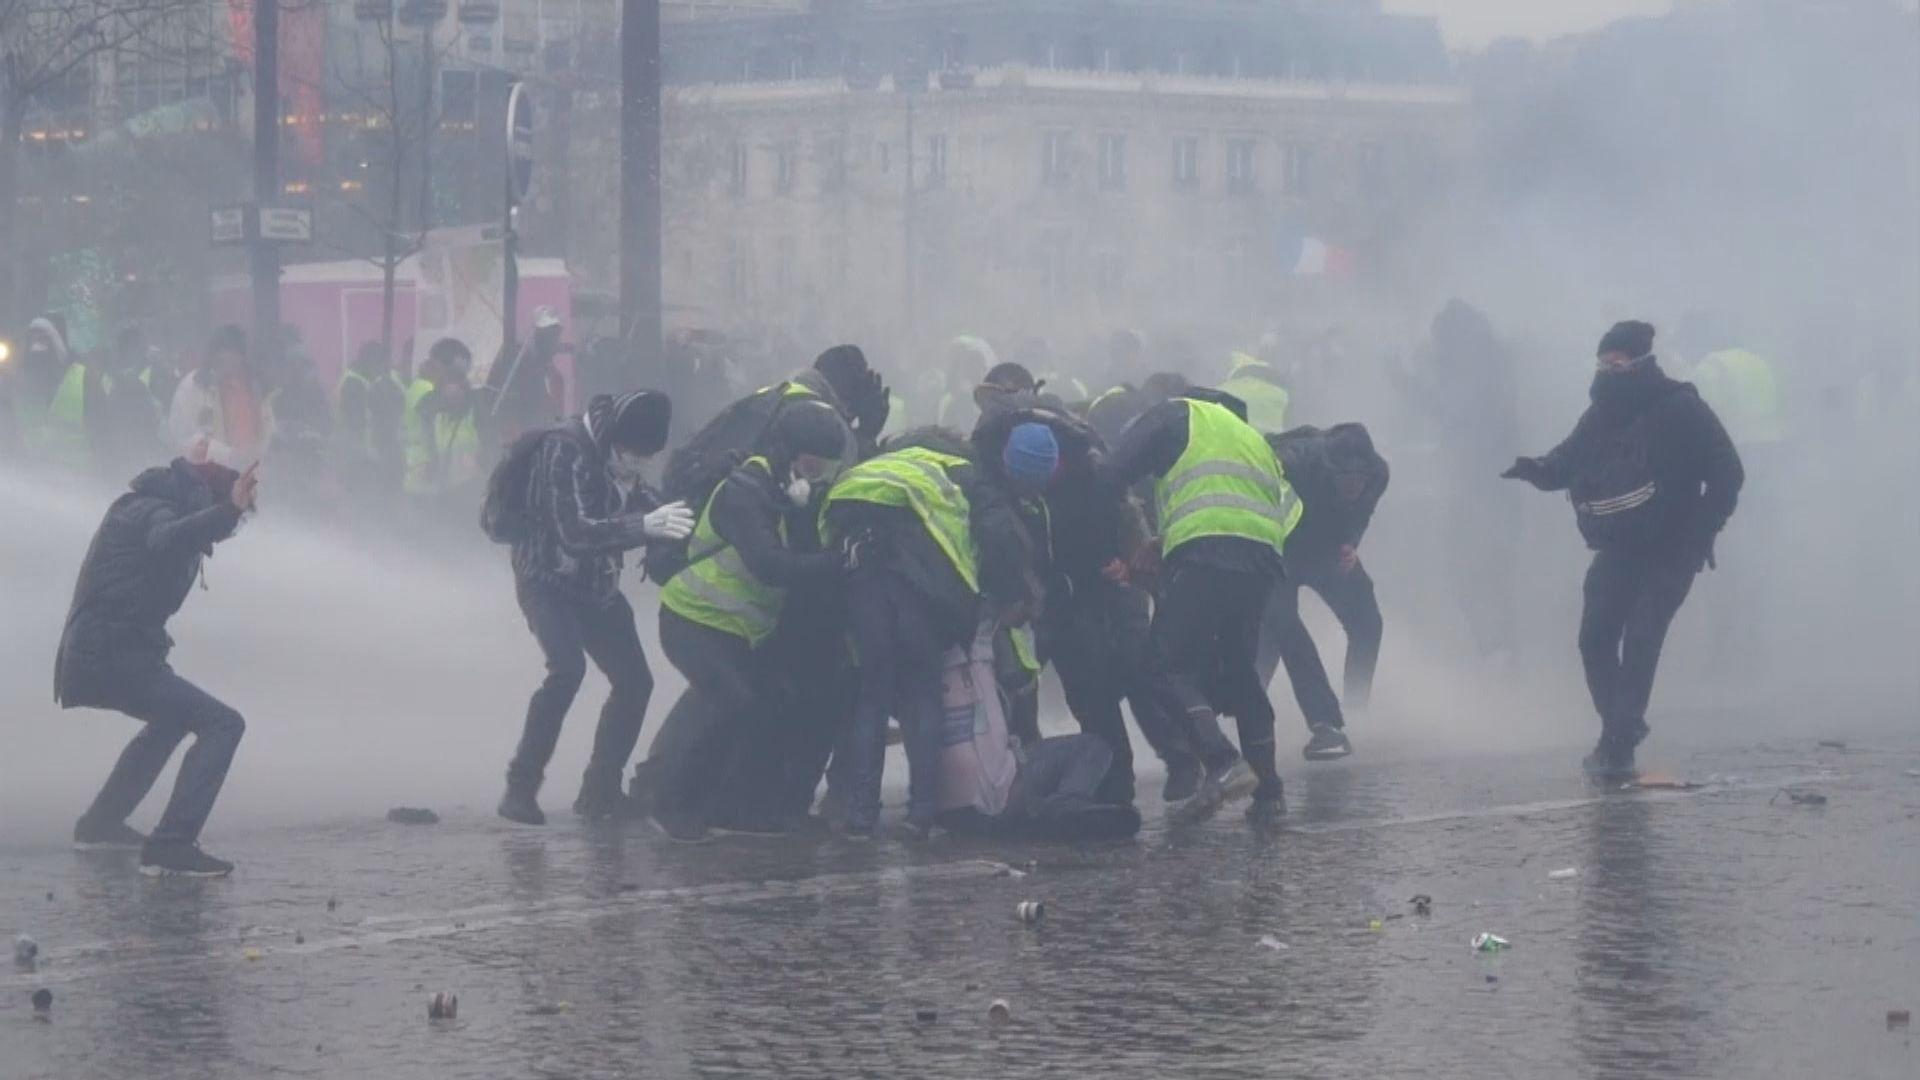 法國巴黎黃背心示威者與警方衝突